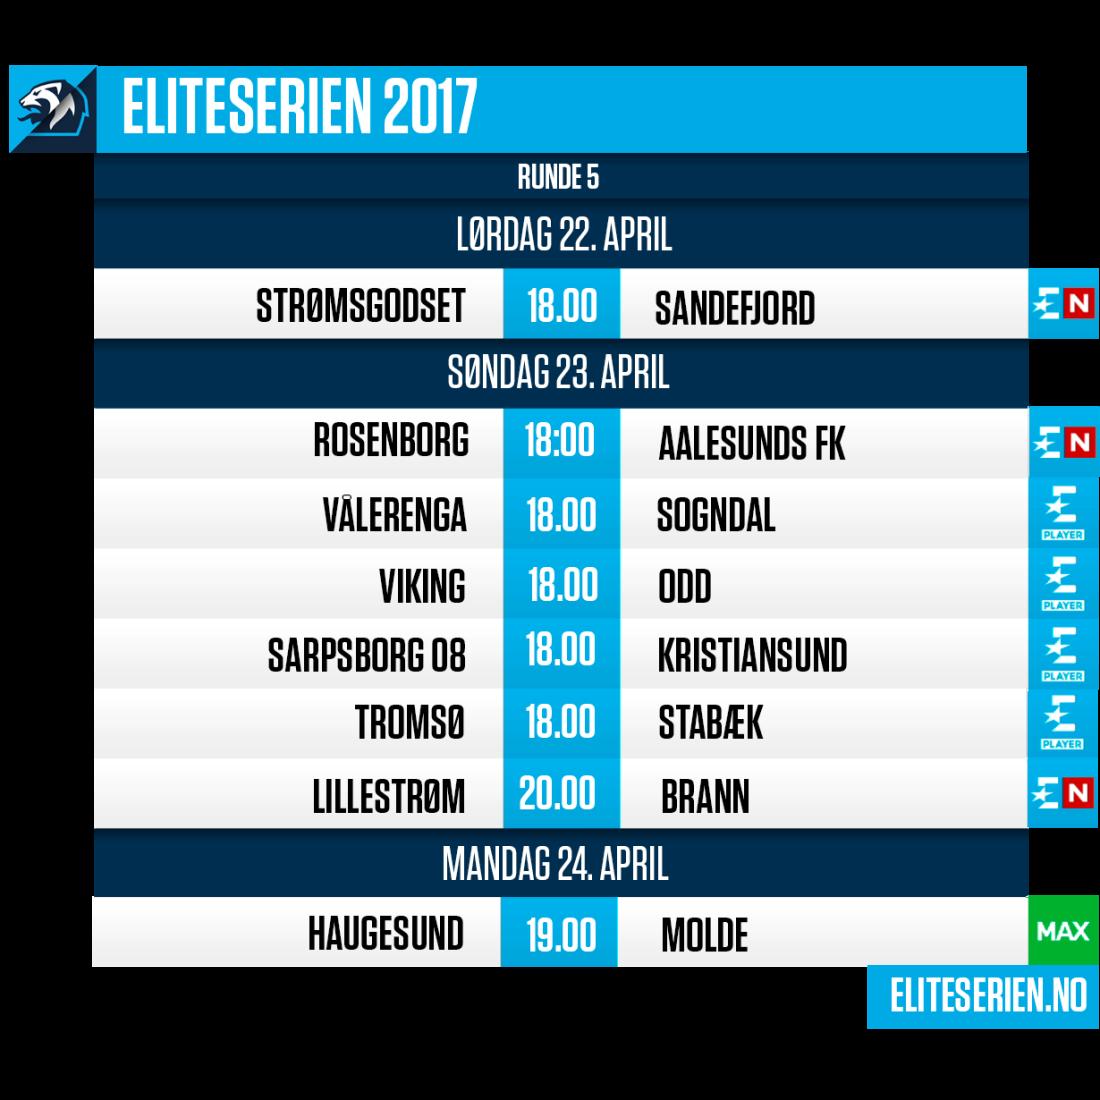 Eliteserien_runde_5.png